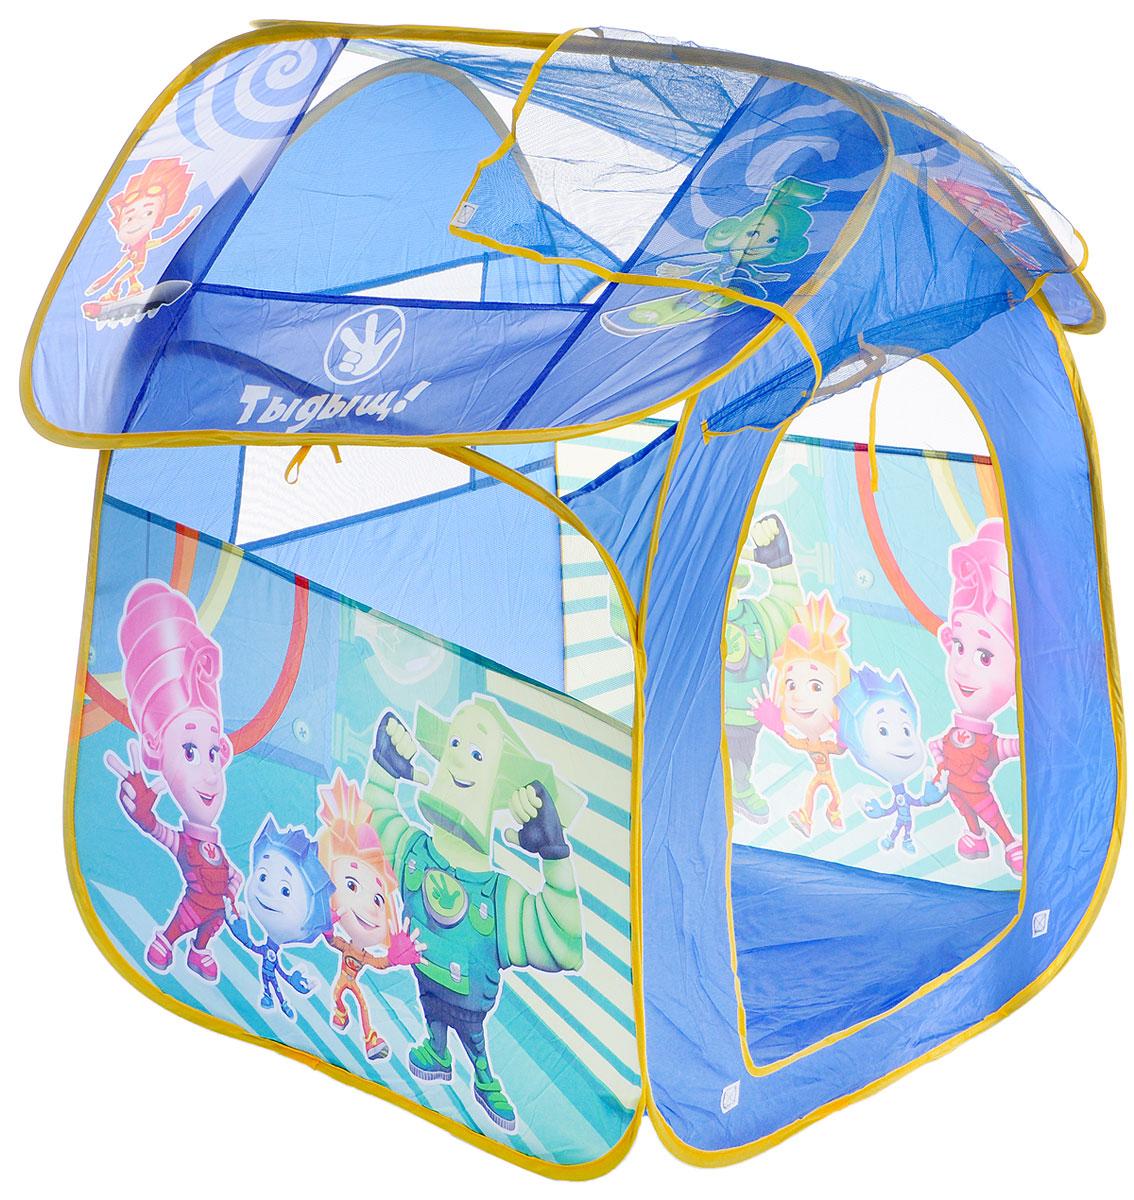 Играем вместе Детская игровая палатка Фиксики 83 х 80 х 105 смGFA-FIX-RДетская игровая палатка Играем вместе Фиксики идеально подойдет для детских игр как на улице, так и в помещении. Она выполнена в виде шатра, снабжена одним входом на липучке и окошками из сетчатого материала. Крыша привязывается веревочками. Палатка изготовлена из легкого текстильного материала ярких цветов. Каркас палатки поддерживается при помощи металлических прутьев. Благодаря своей легкости и компактным размерам в сложенном виде палатку легко перевозить и хранить. Складывается палатка в удобную сумку-чехол с ручками. Детская игровая палатка Играем вместе Фиксики - отличная игровая площадка для веселых и подвижных детей.